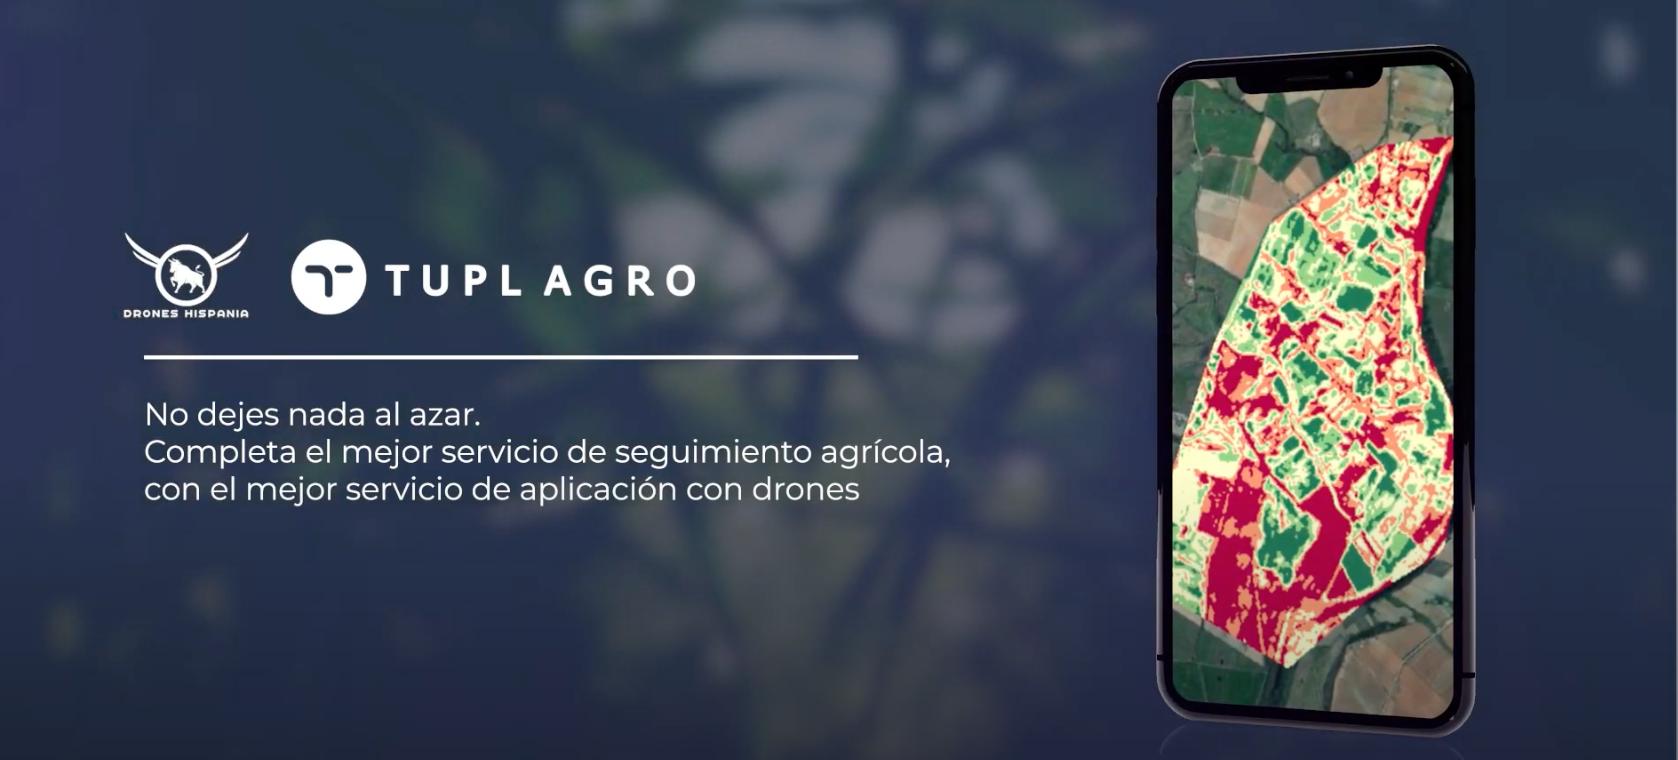 Tupl Agro y Drones Hispania juntos para mejorar la eficiencia agrícola